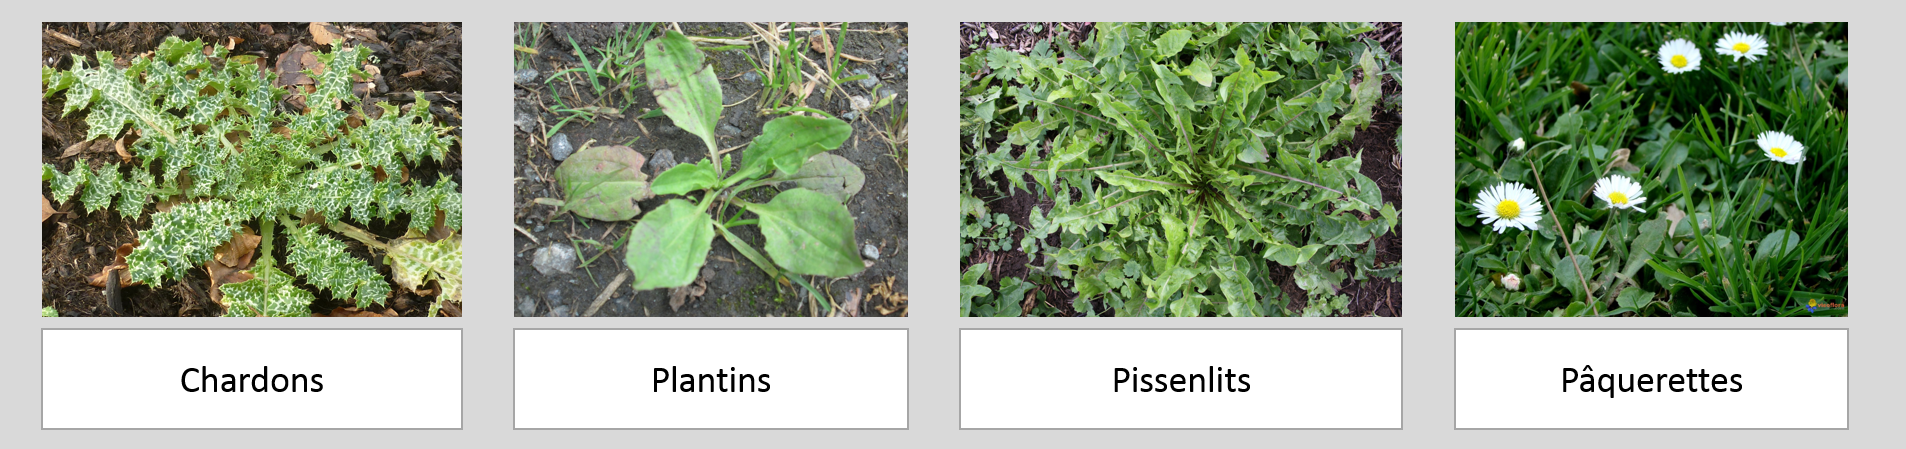 L 39 entretien de votre gazon en automne for Mauvaises herbes du jardin photos